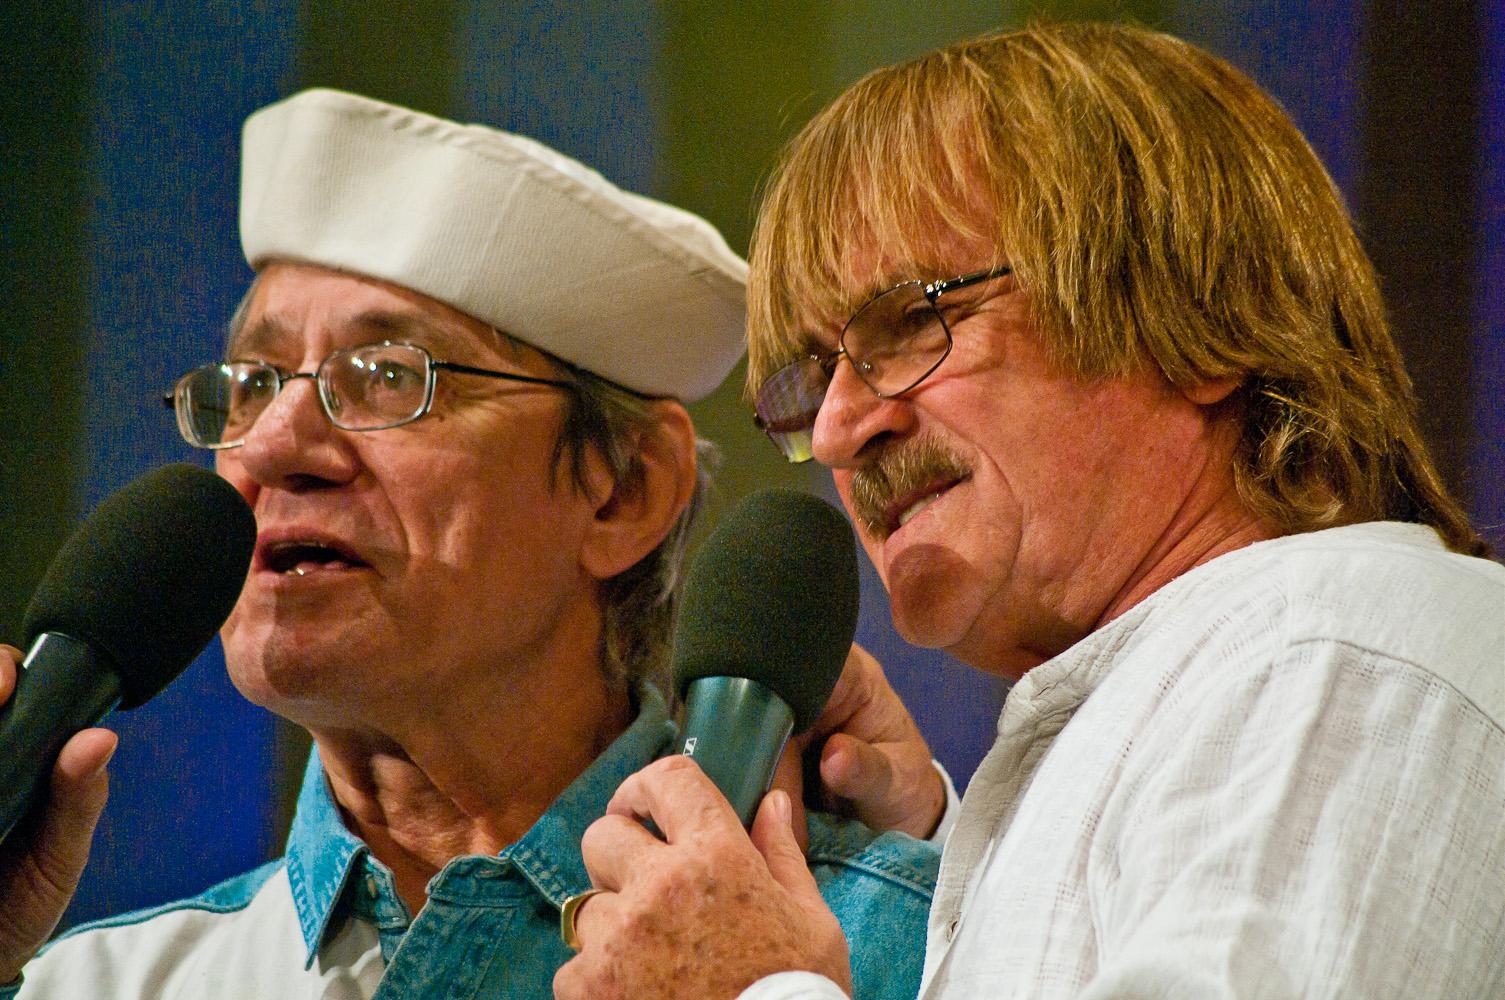 Honza Vyčítal a Karel Vágner, koncert Honzy Vyčítala a skupiny Greenhorns, Praha, Divadlo ABC 21.10.2012 (Foto: Jiří Konc / CountryWorld.cz)